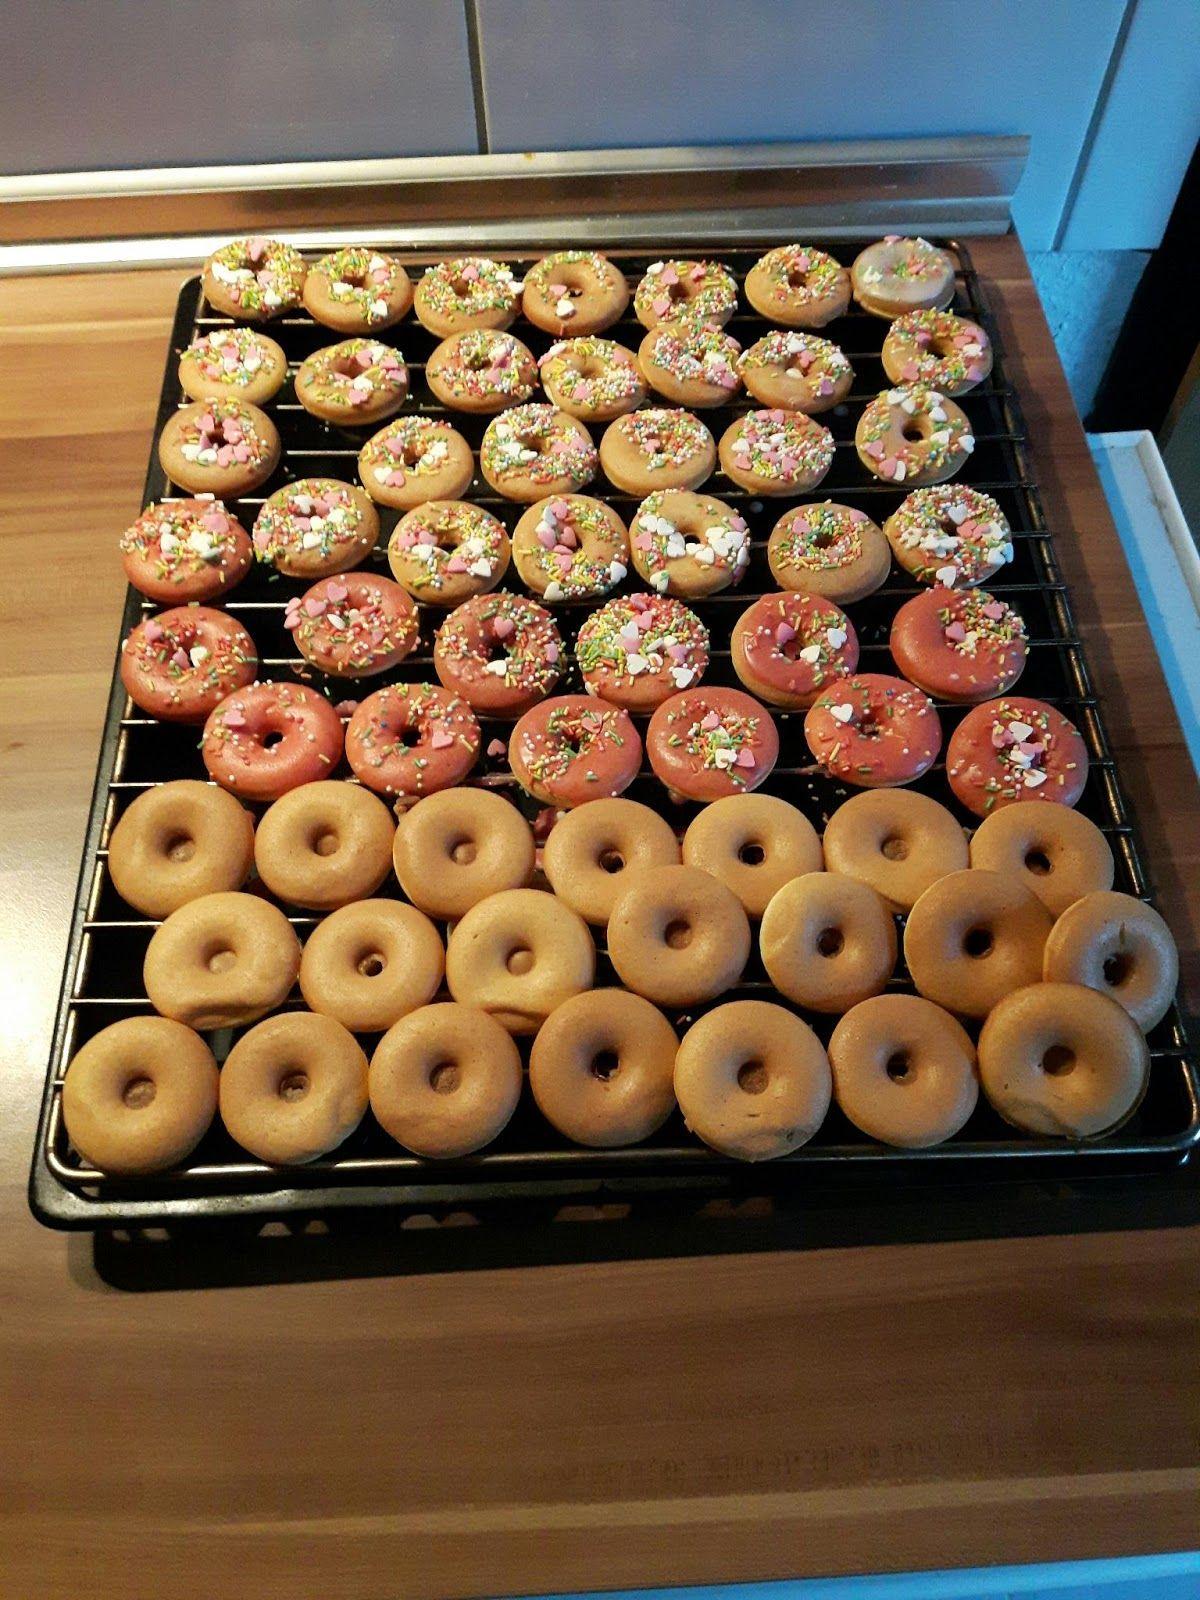 vor kurzem habe ich mir auch mal einen donut maker gekauft und getestet rezept f r den teig. Black Bedroom Furniture Sets. Home Design Ideas